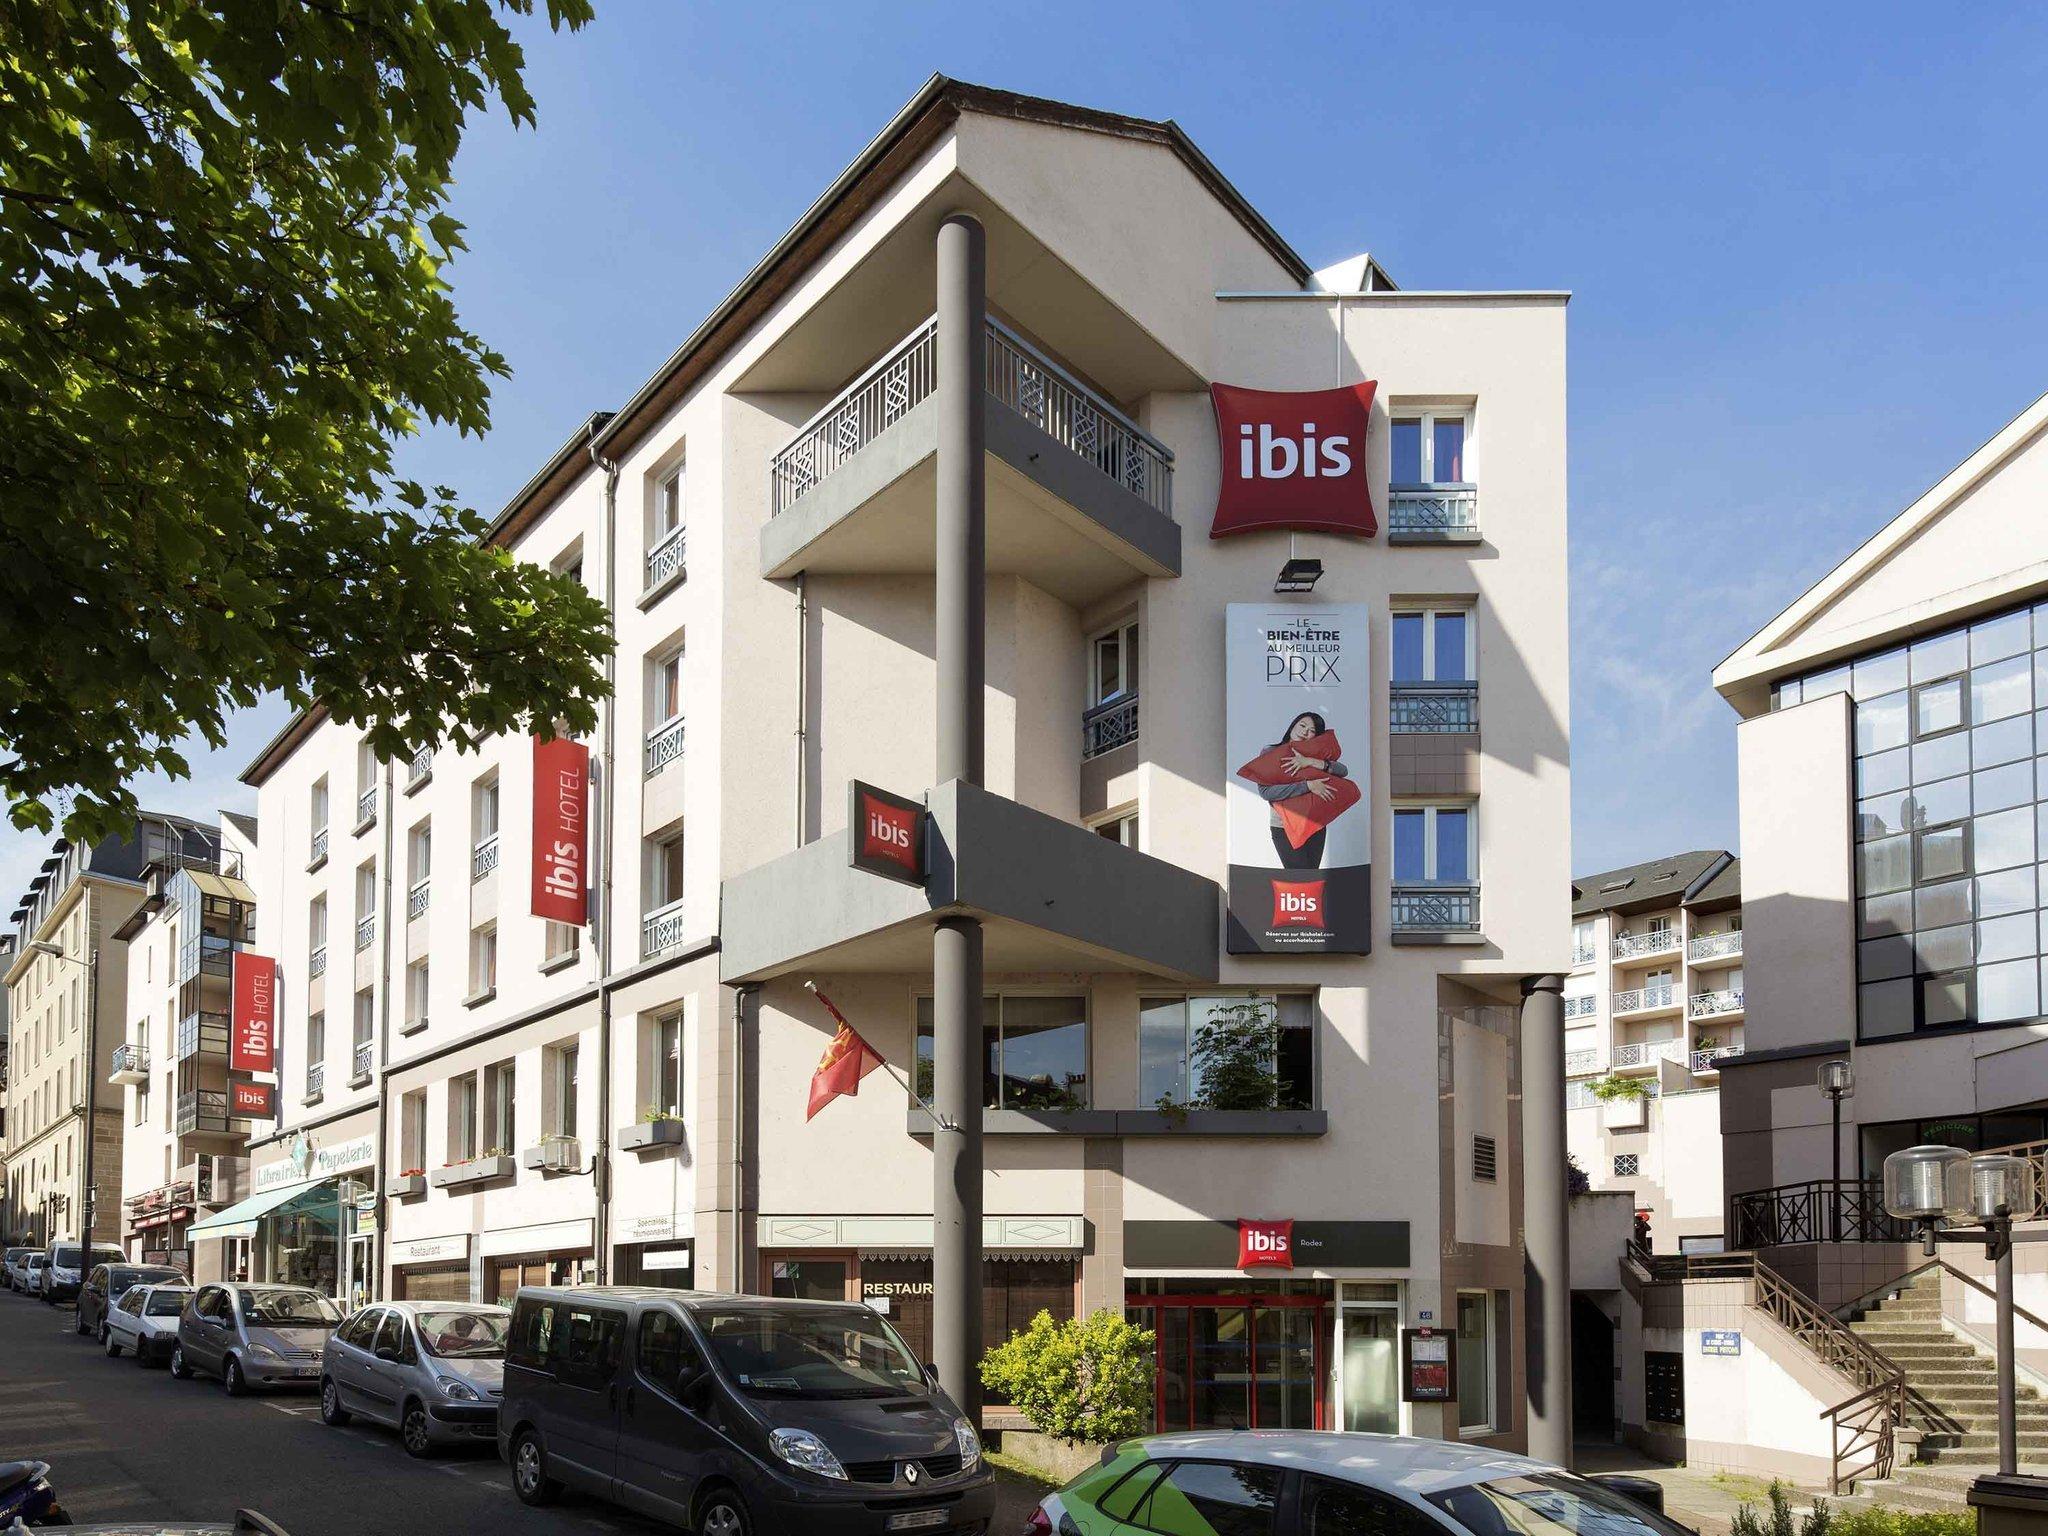 Ibis Rodez Centre Frankrig Hotel Anmeldelser Sammenligning Af Priser Tripadvisor